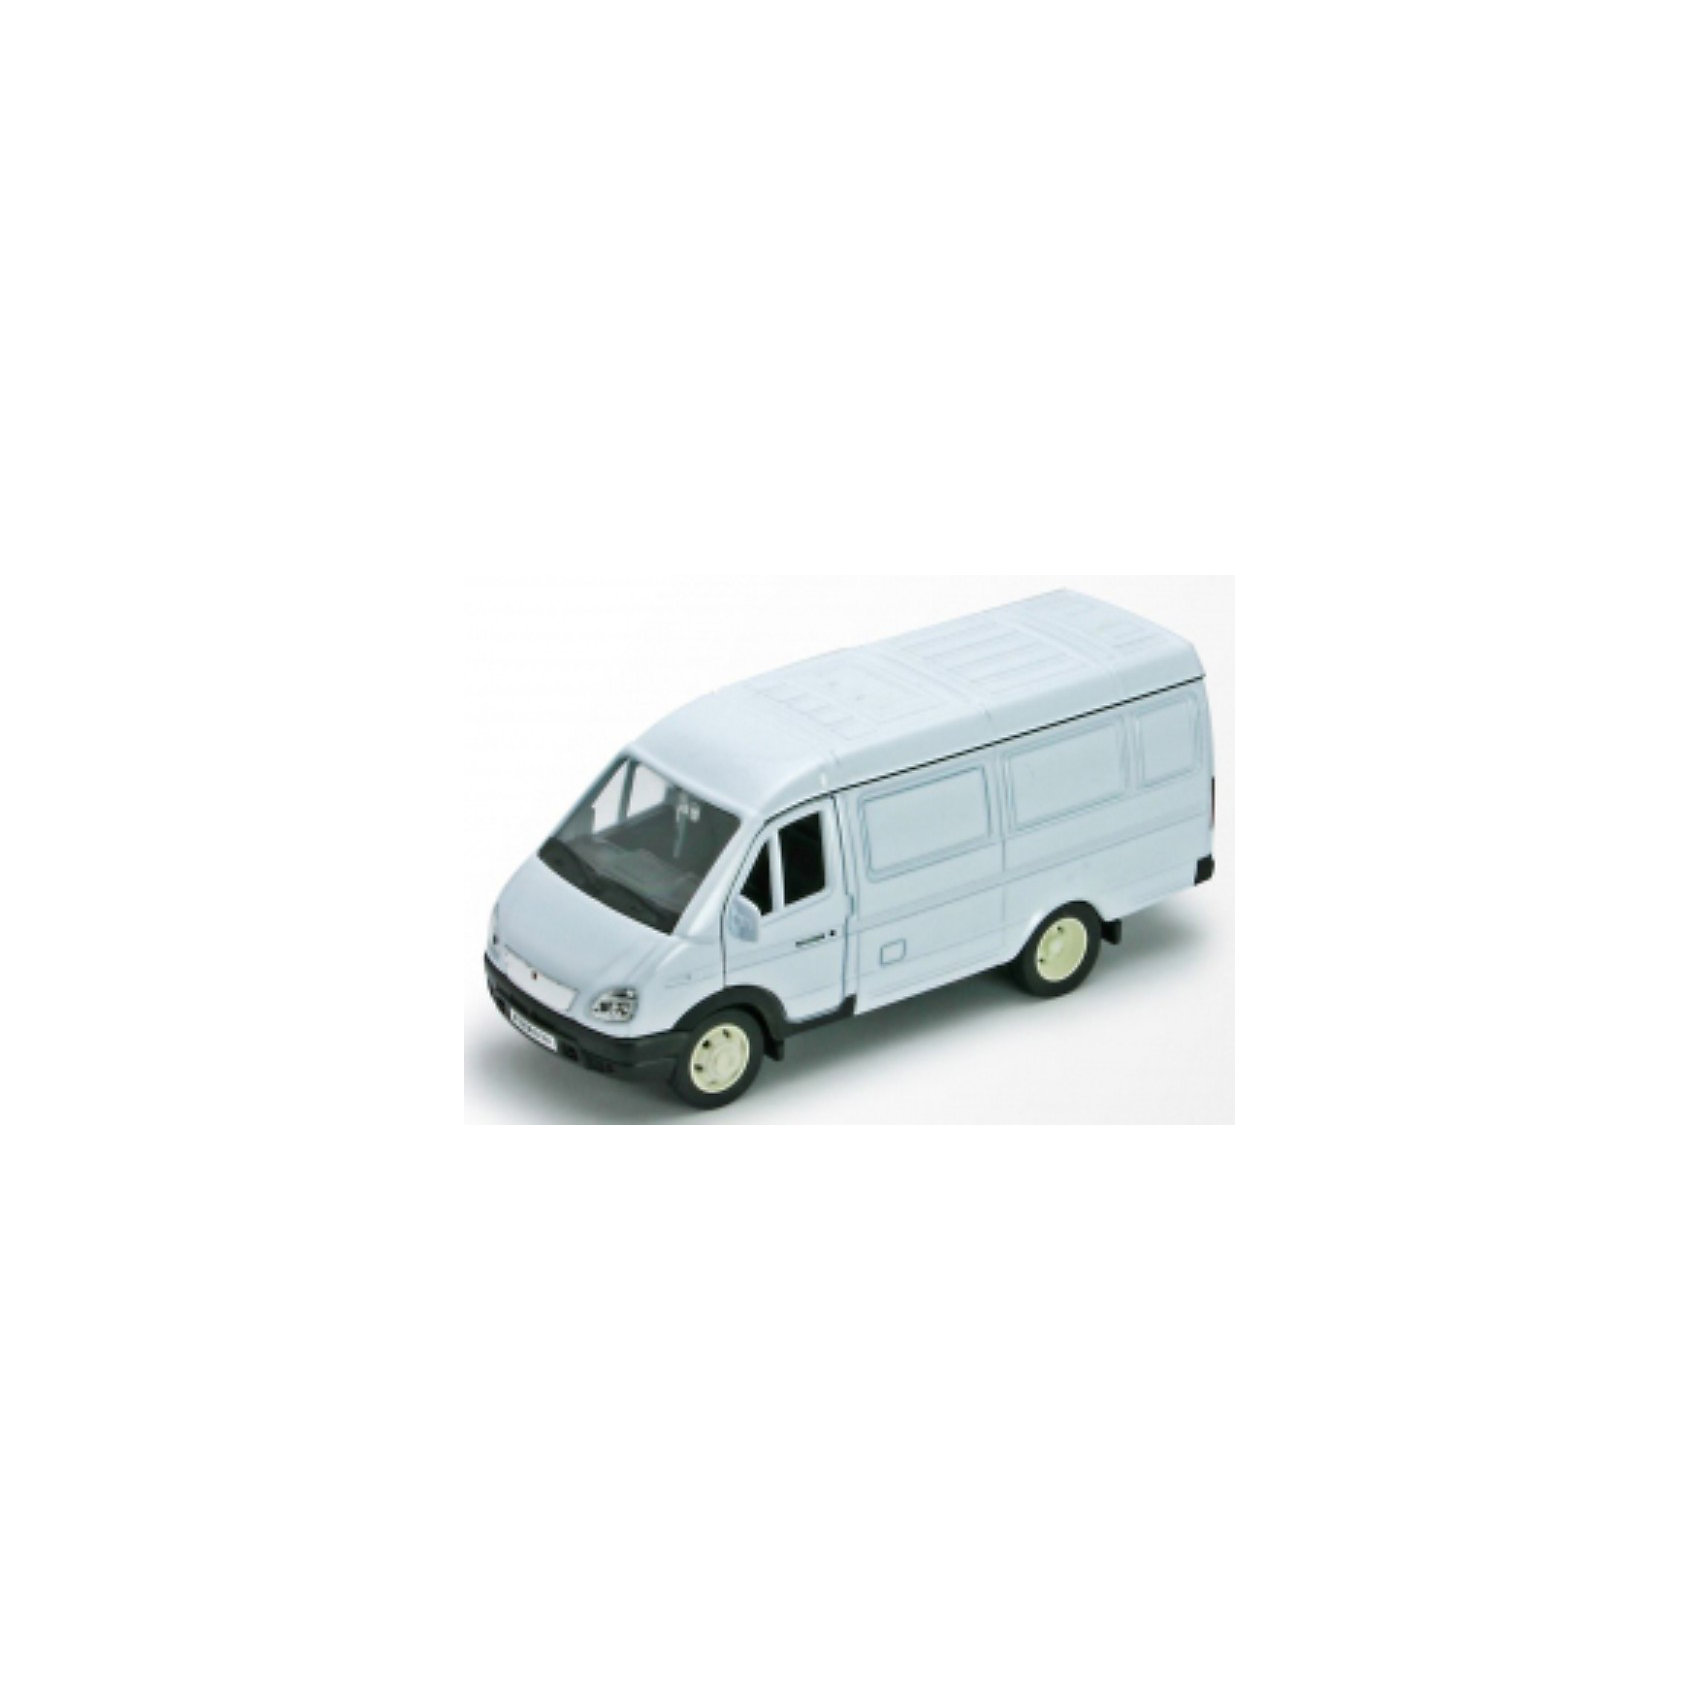 Welly Модель машины ГАЗель фургонКоллекционные модели<br>Характеристики модели машины ГАЗель фургон:<br><br>- бренд: Welly<br>- возраст: от 3 лет<br>- пол: для мальчиков<br>- модель: газель фургон.<br>- цвет: белый.<br>- масштаб: 1:34-39.<br>- материал: металл, пластик.<br>- размер упаковки: 19 * 6 * 16 см.<br>- вес: 200 гр.<br>- упаковка: картонная коробка блистерного типа.<br><br>С коллекционной машинкой от бренда Welly ребенок сможет устроить настоящие гонки! Однотонная грузовая машинка сделана из металла и безопасного пластика, у нее открываются передние двери. У ребенка будет возможность не только покатать машинку, но и рассмотреть устройство салона. Автомобиль имеет инерционный механизм: чтобы машина поехала, нужно потянуть ее на себя, а затем отпустить, после чего она наберет скорость.<br><br>Модель машины ГАЗель фургон торговой марки Welly можно купить в нашем интернет-магазине.<br><br>Ширина мм: 165<br>Глубина мм: 60<br>Высота мм: 140<br>Вес г: 247<br>Возраст от месяцев: 84<br>Возраст до месяцев: 1188<br>Пол: Мужской<br>Возраст: Детский<br>SKU: 2150226